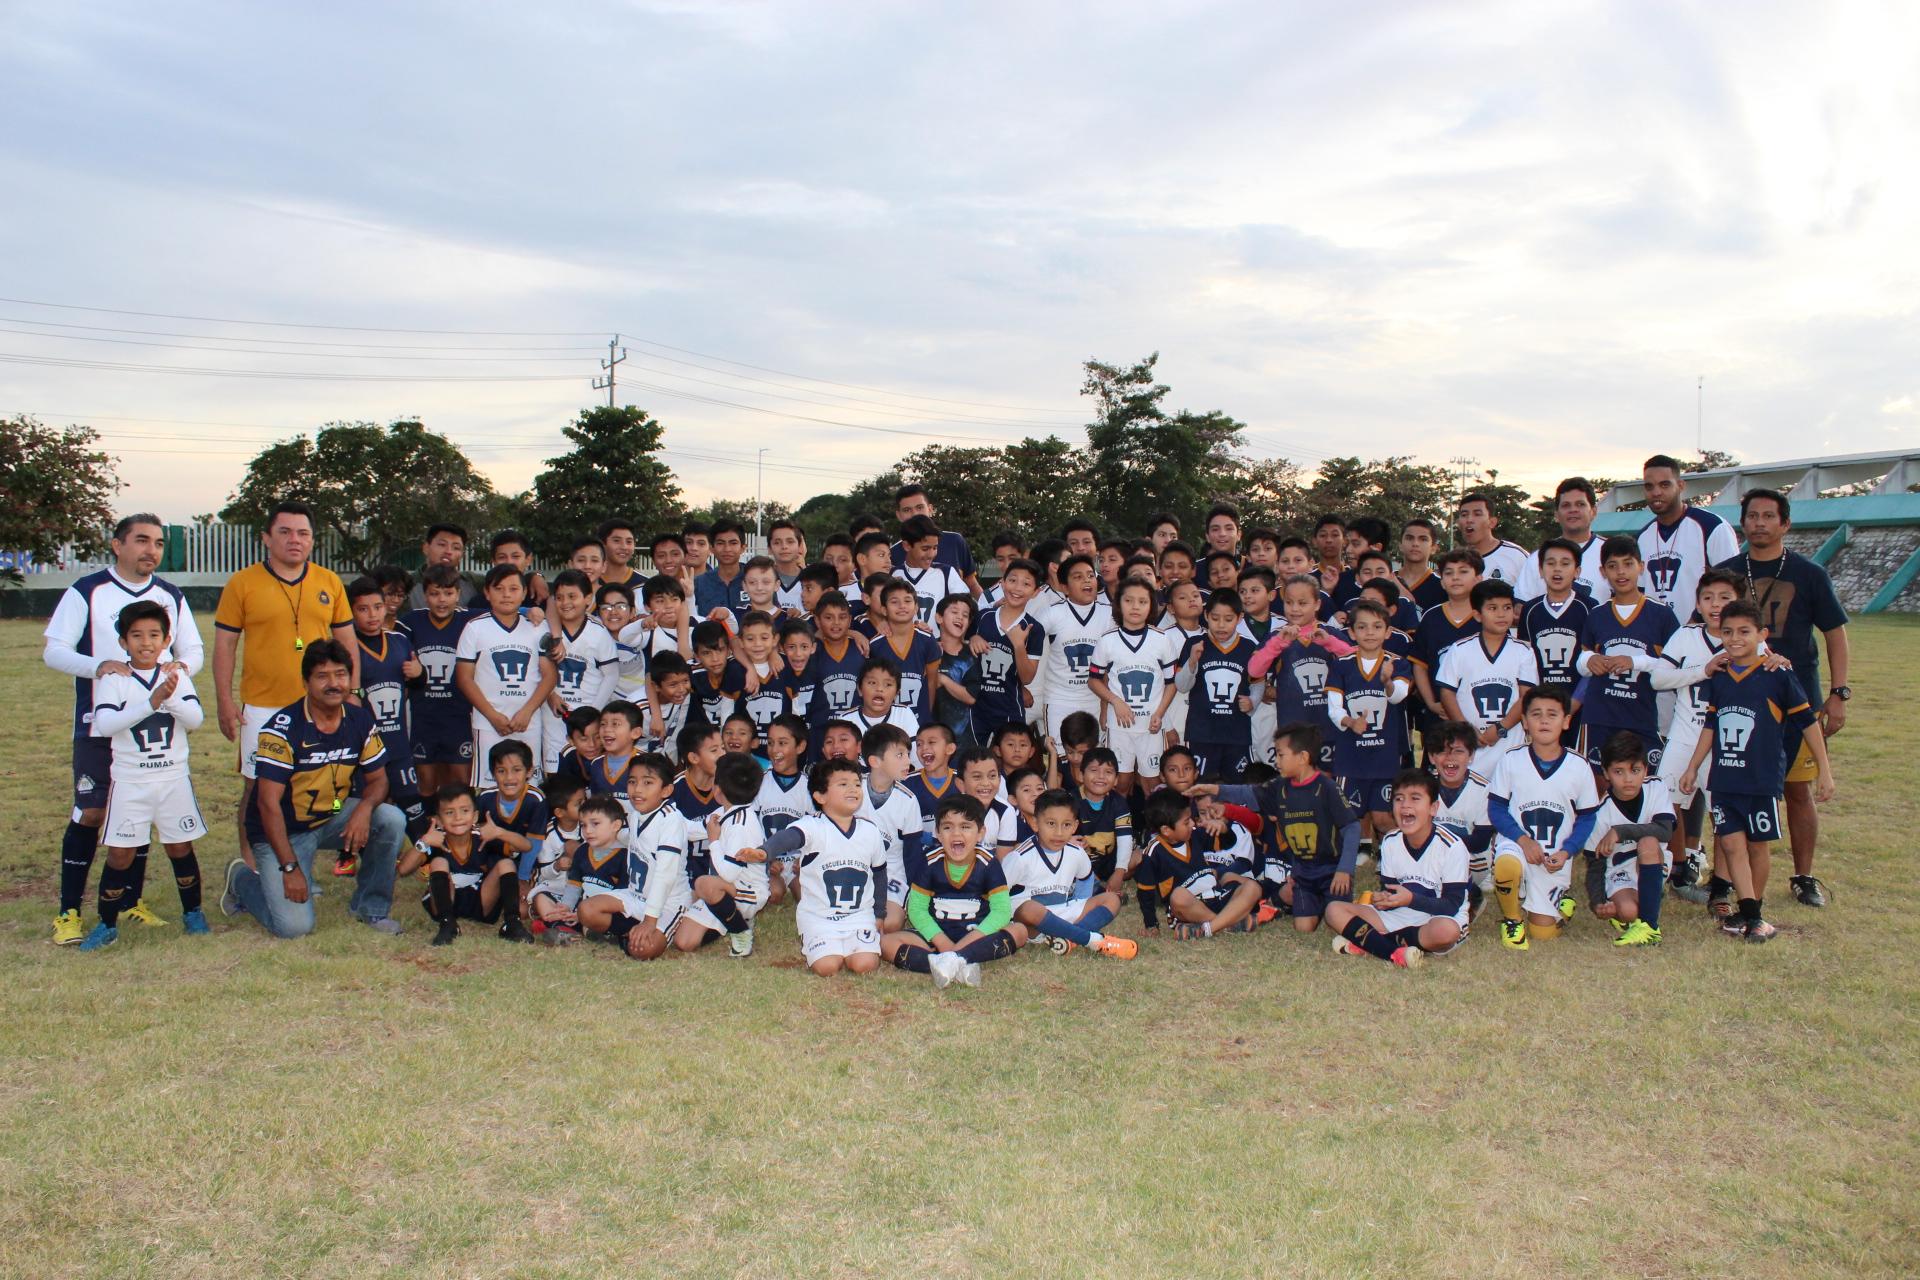 Sympton Quejar Mirar atrás  Celebran 16 aniversario de Escuela de Futbol Pumas Campeche – HOLA CARMEN